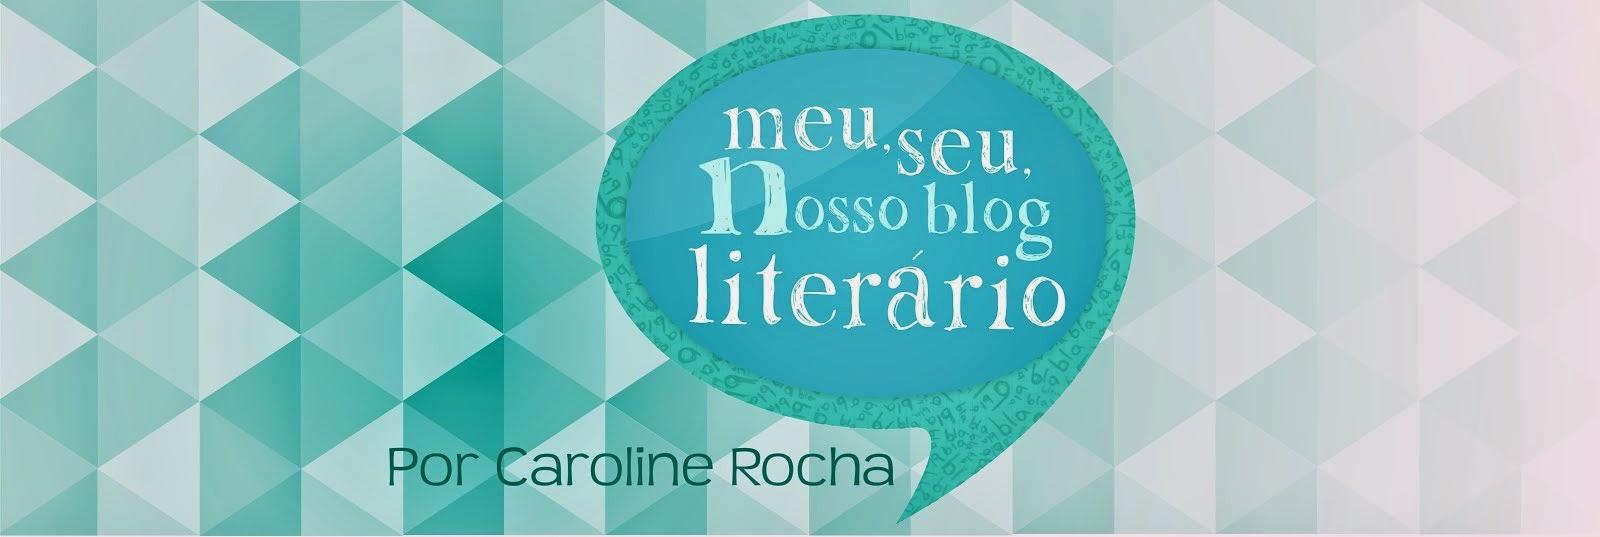 Meu, seu, nosso blog literário!